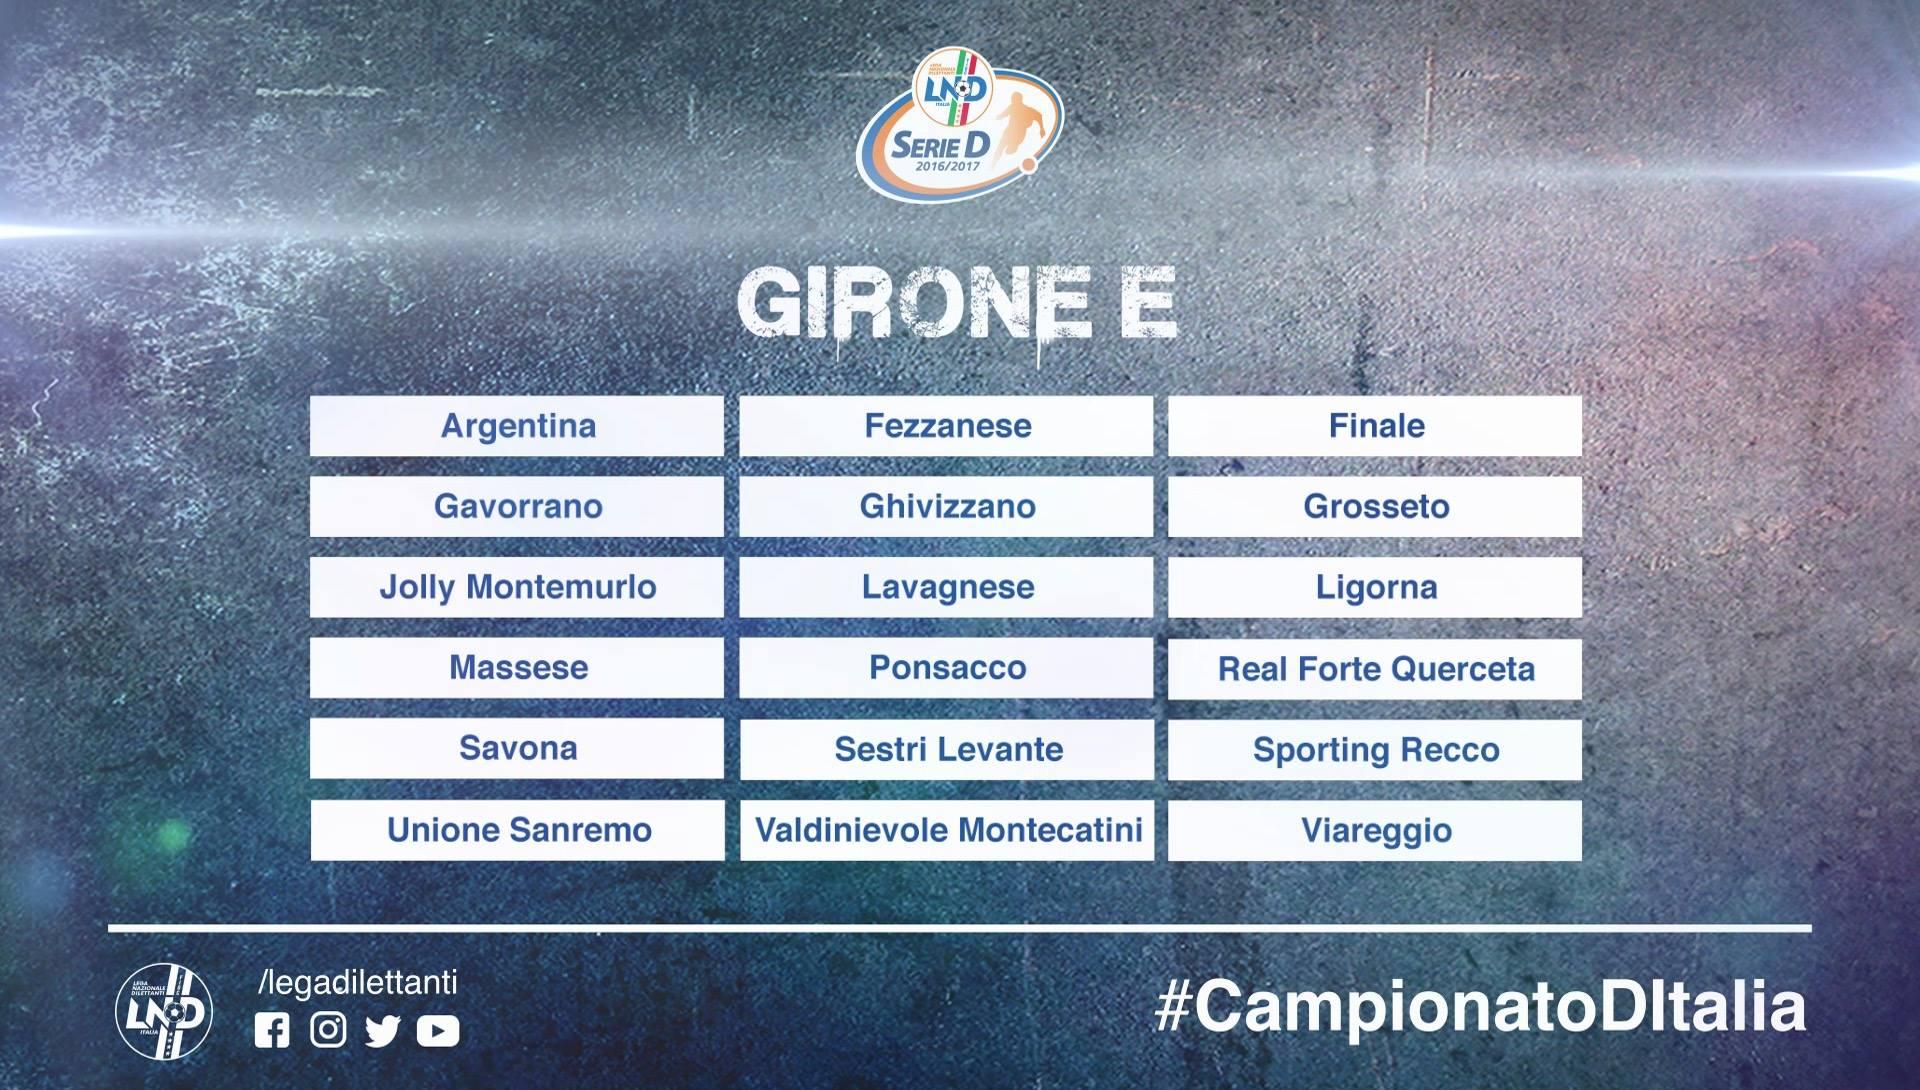 Serie D, il calendario del girone E